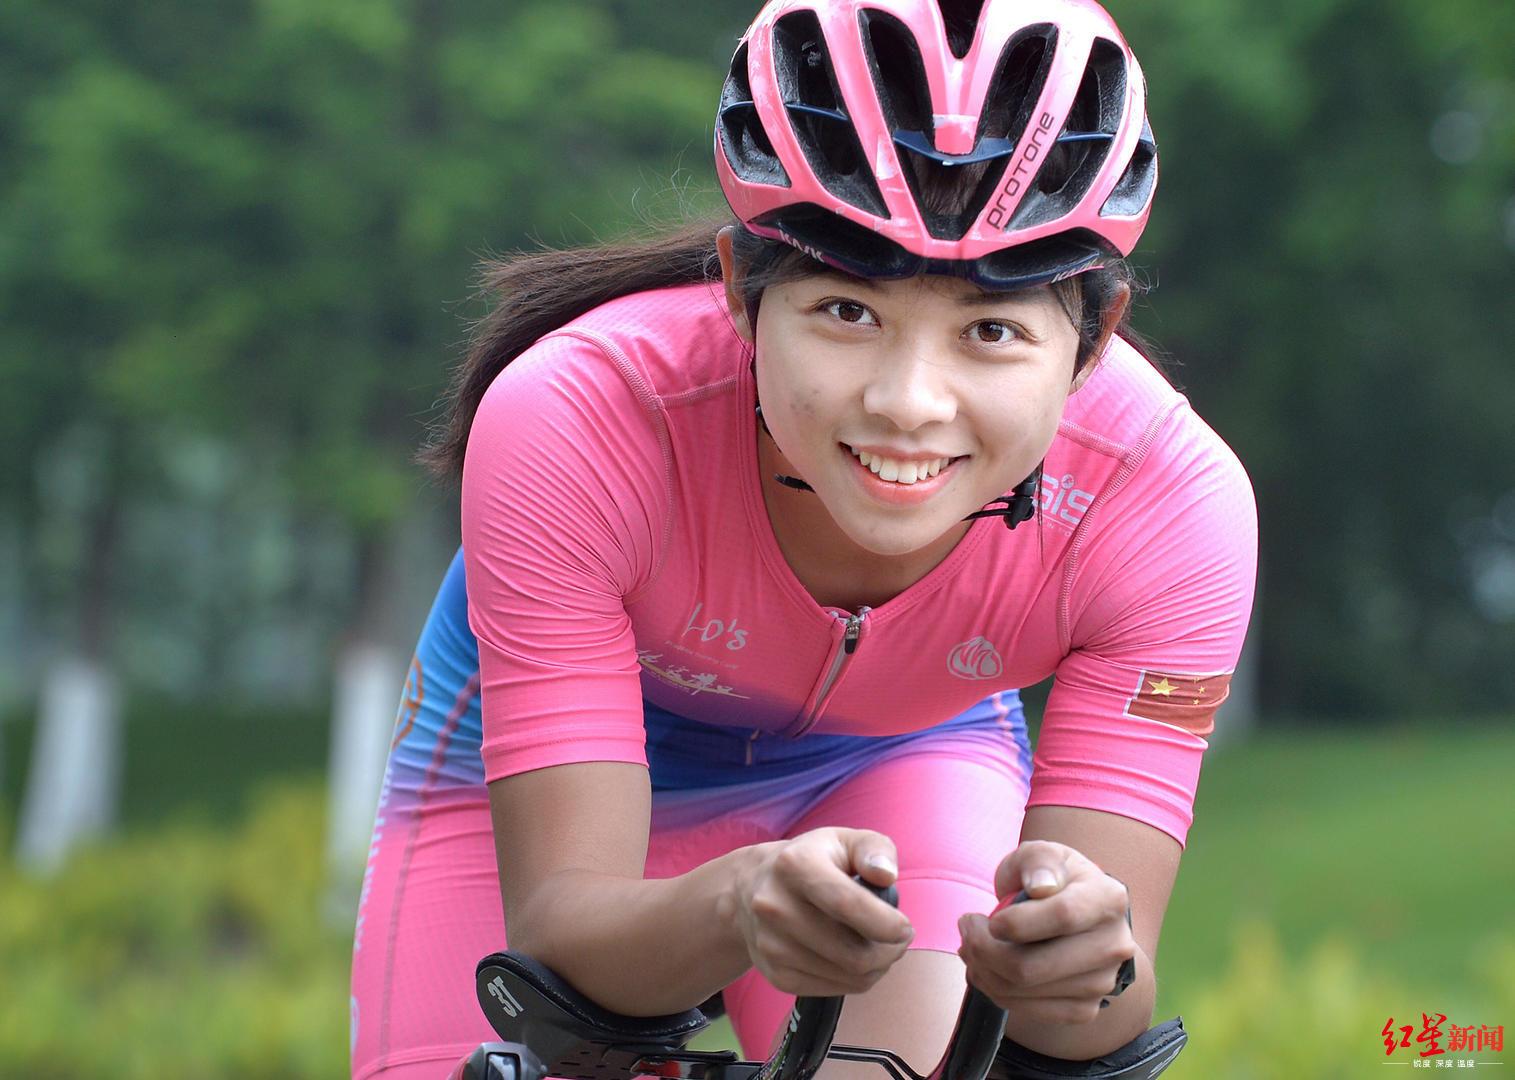 成都27岁软妹子不简单!入选首支中国业余铁人三项代表队